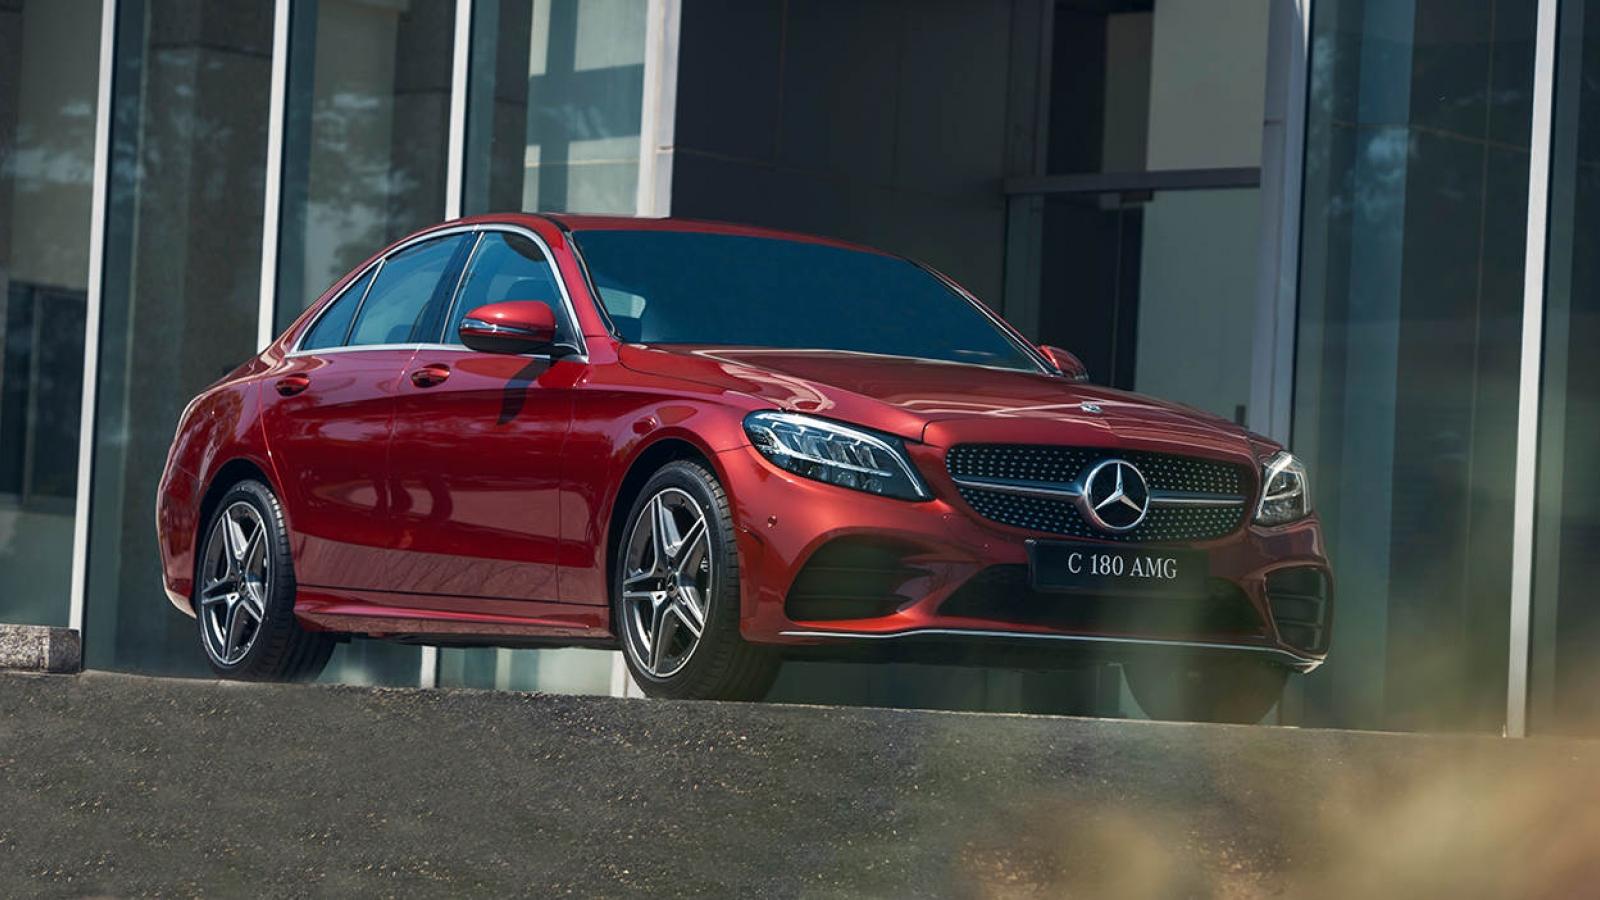 Khám phá Mercedes-Benz C 180 AMG vừa ra mắt thị trường